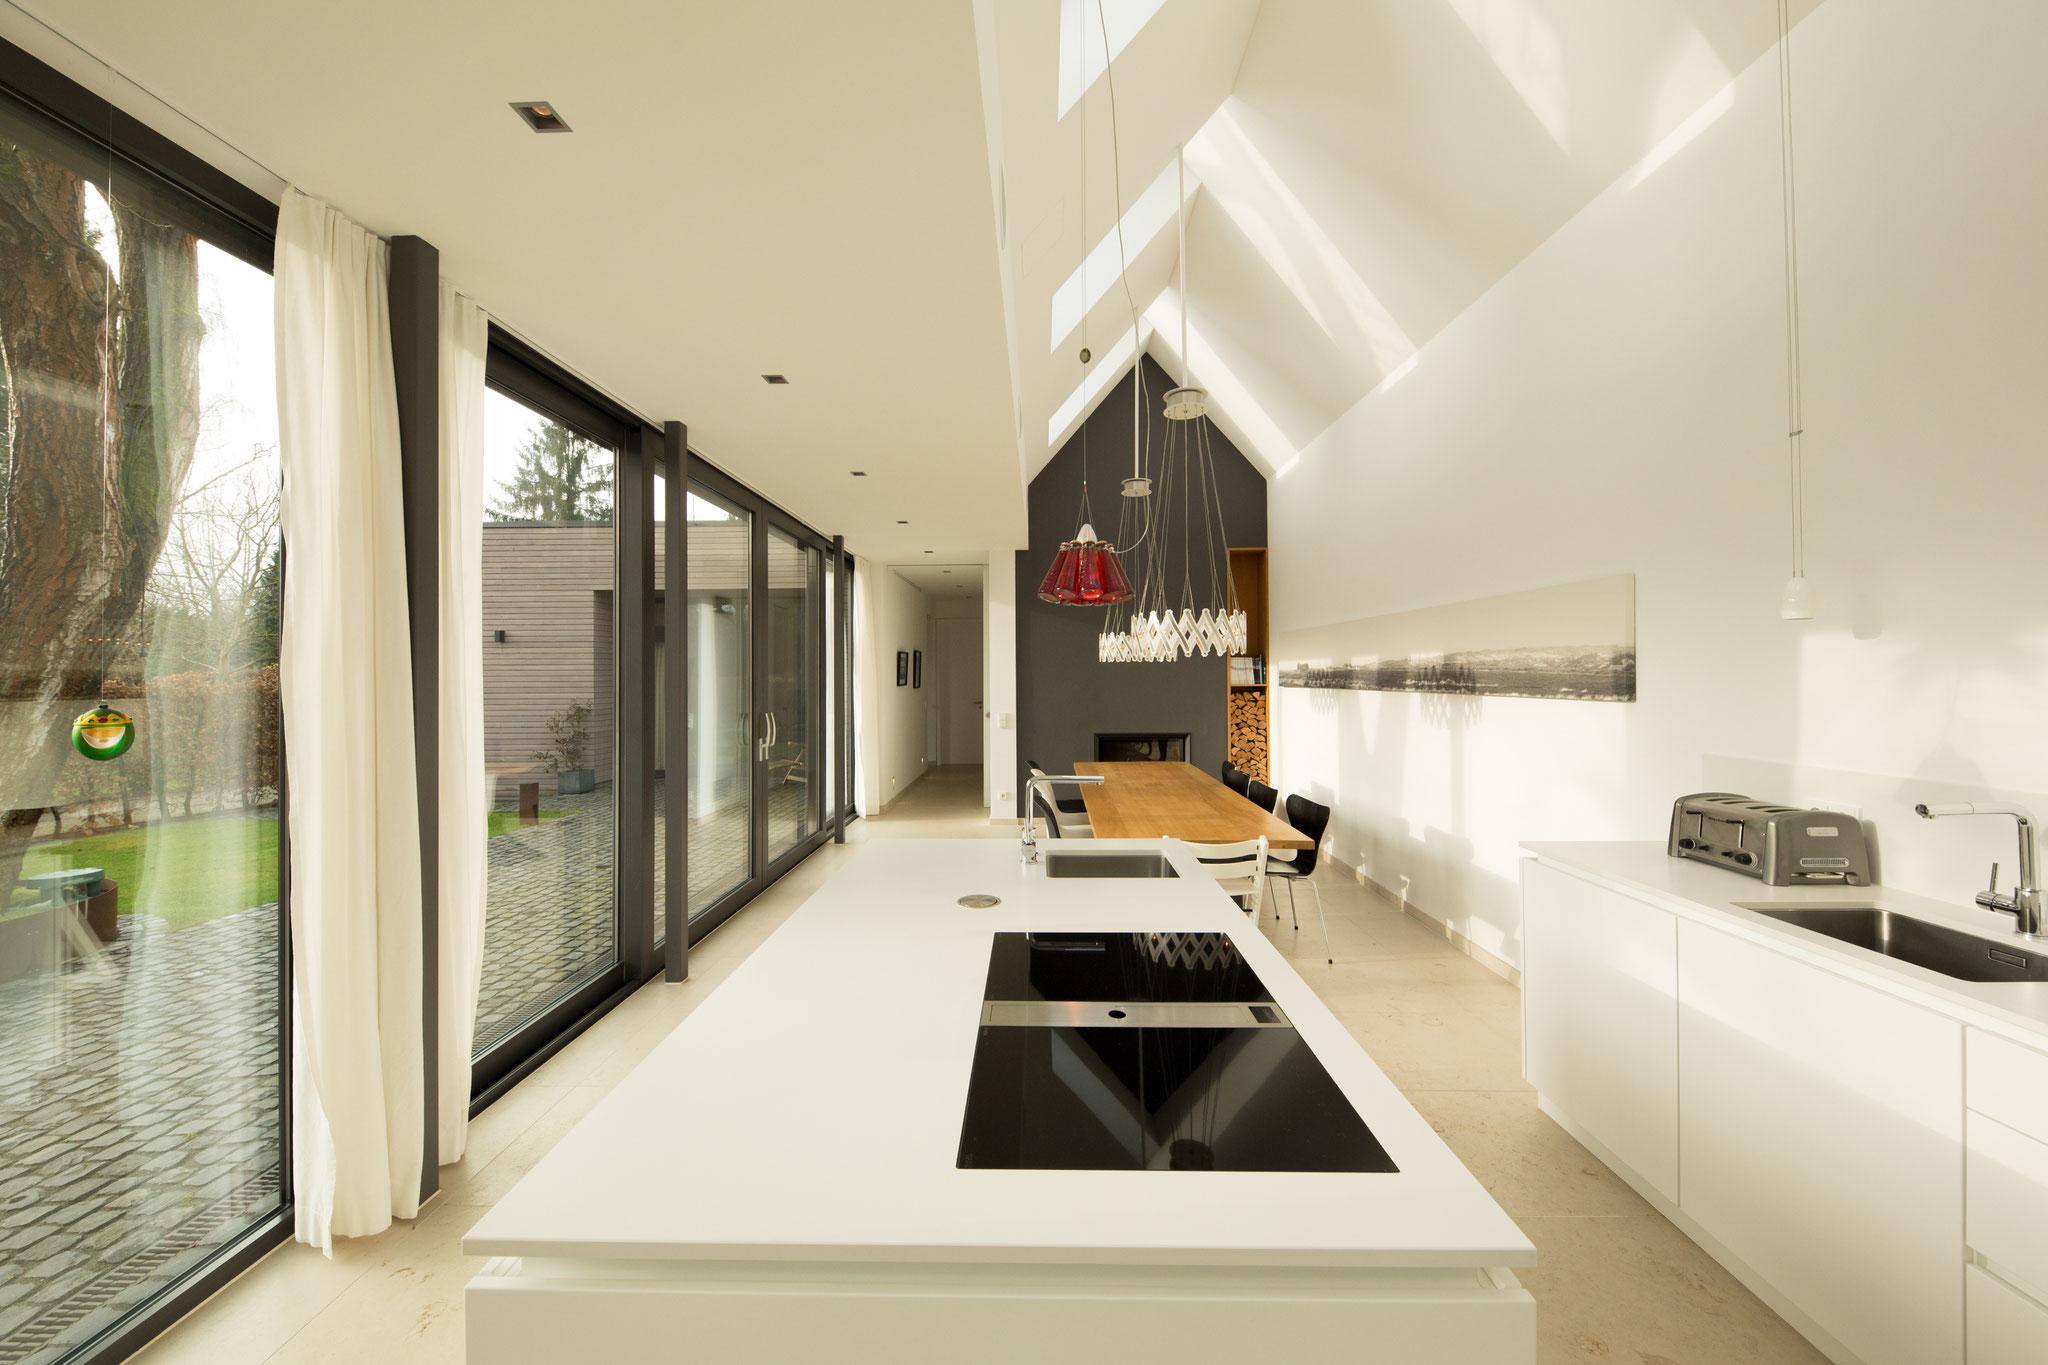 Anbau und Sanierung eines Wohnhauses, Celle   Hartmut Bade Architekt